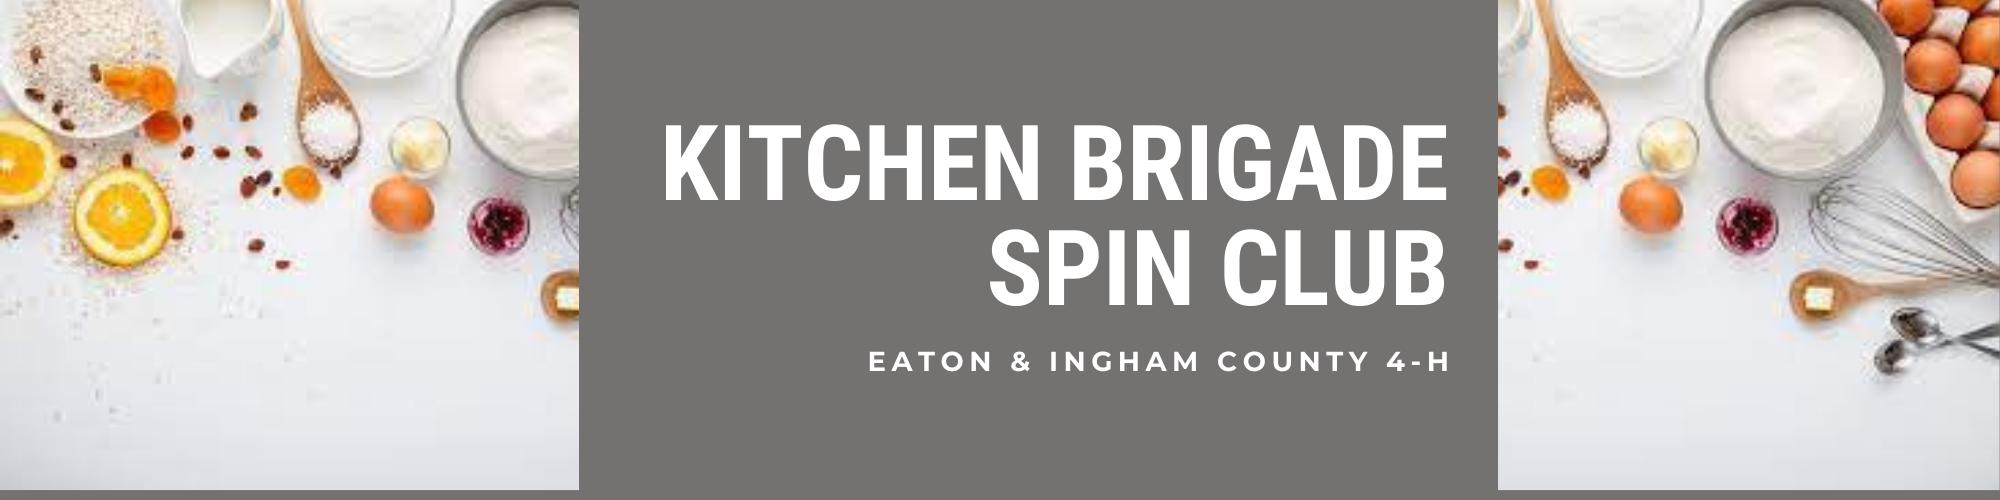 Kitchen brigade logo.